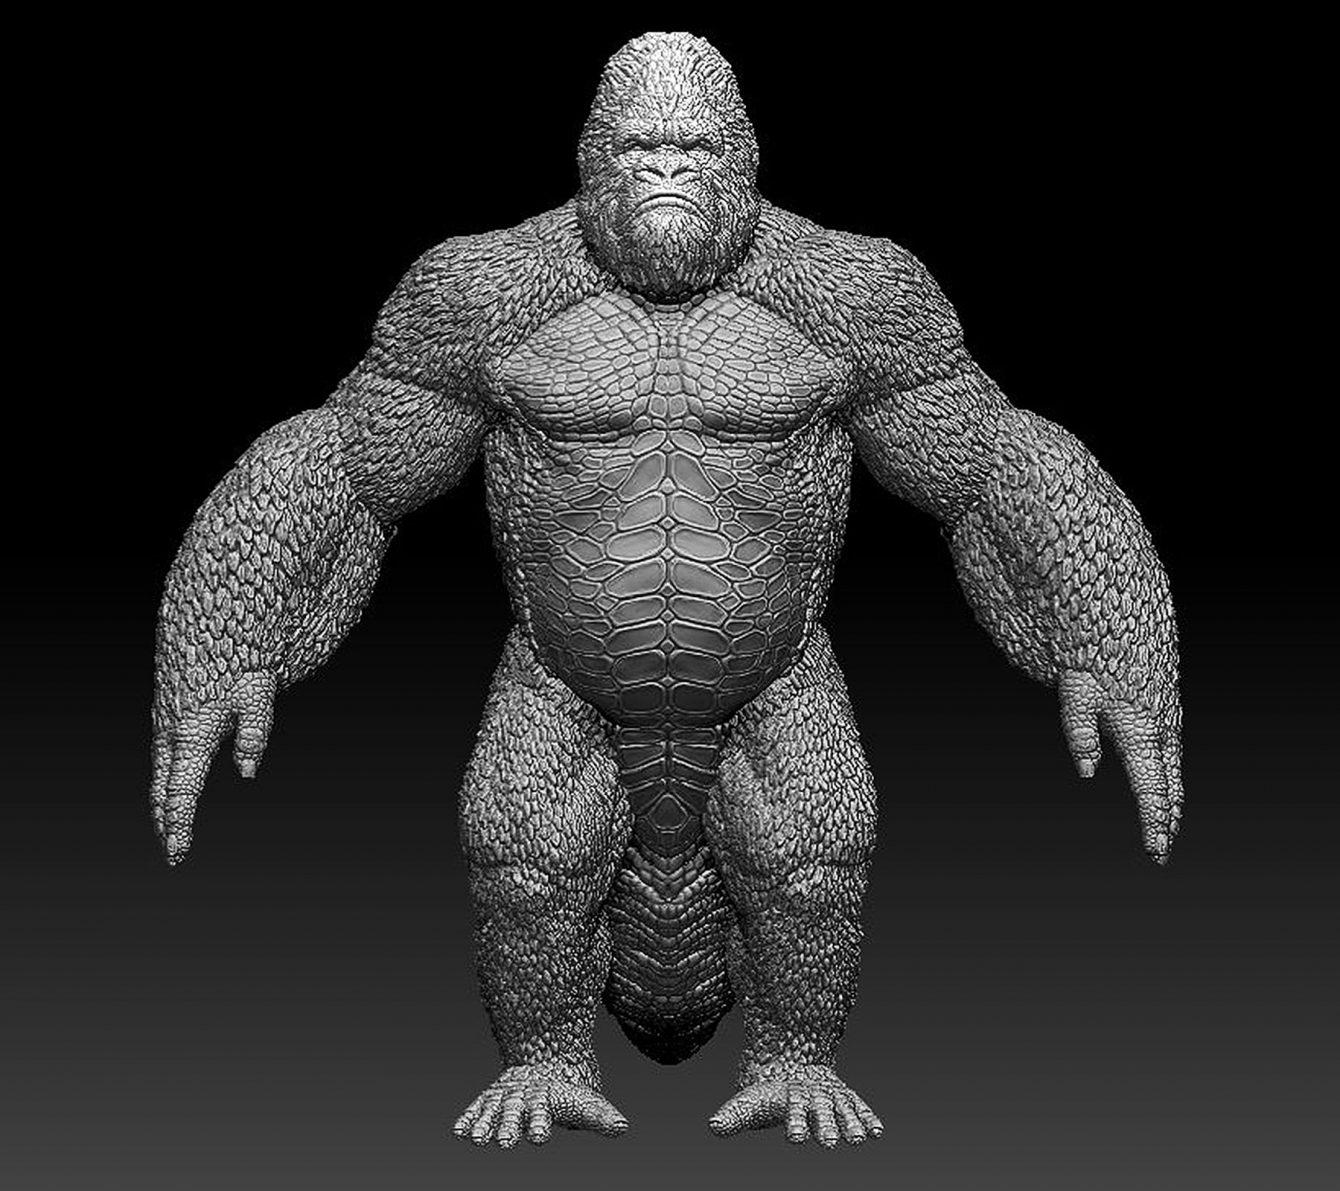 Godzilla-Kong hybrid3